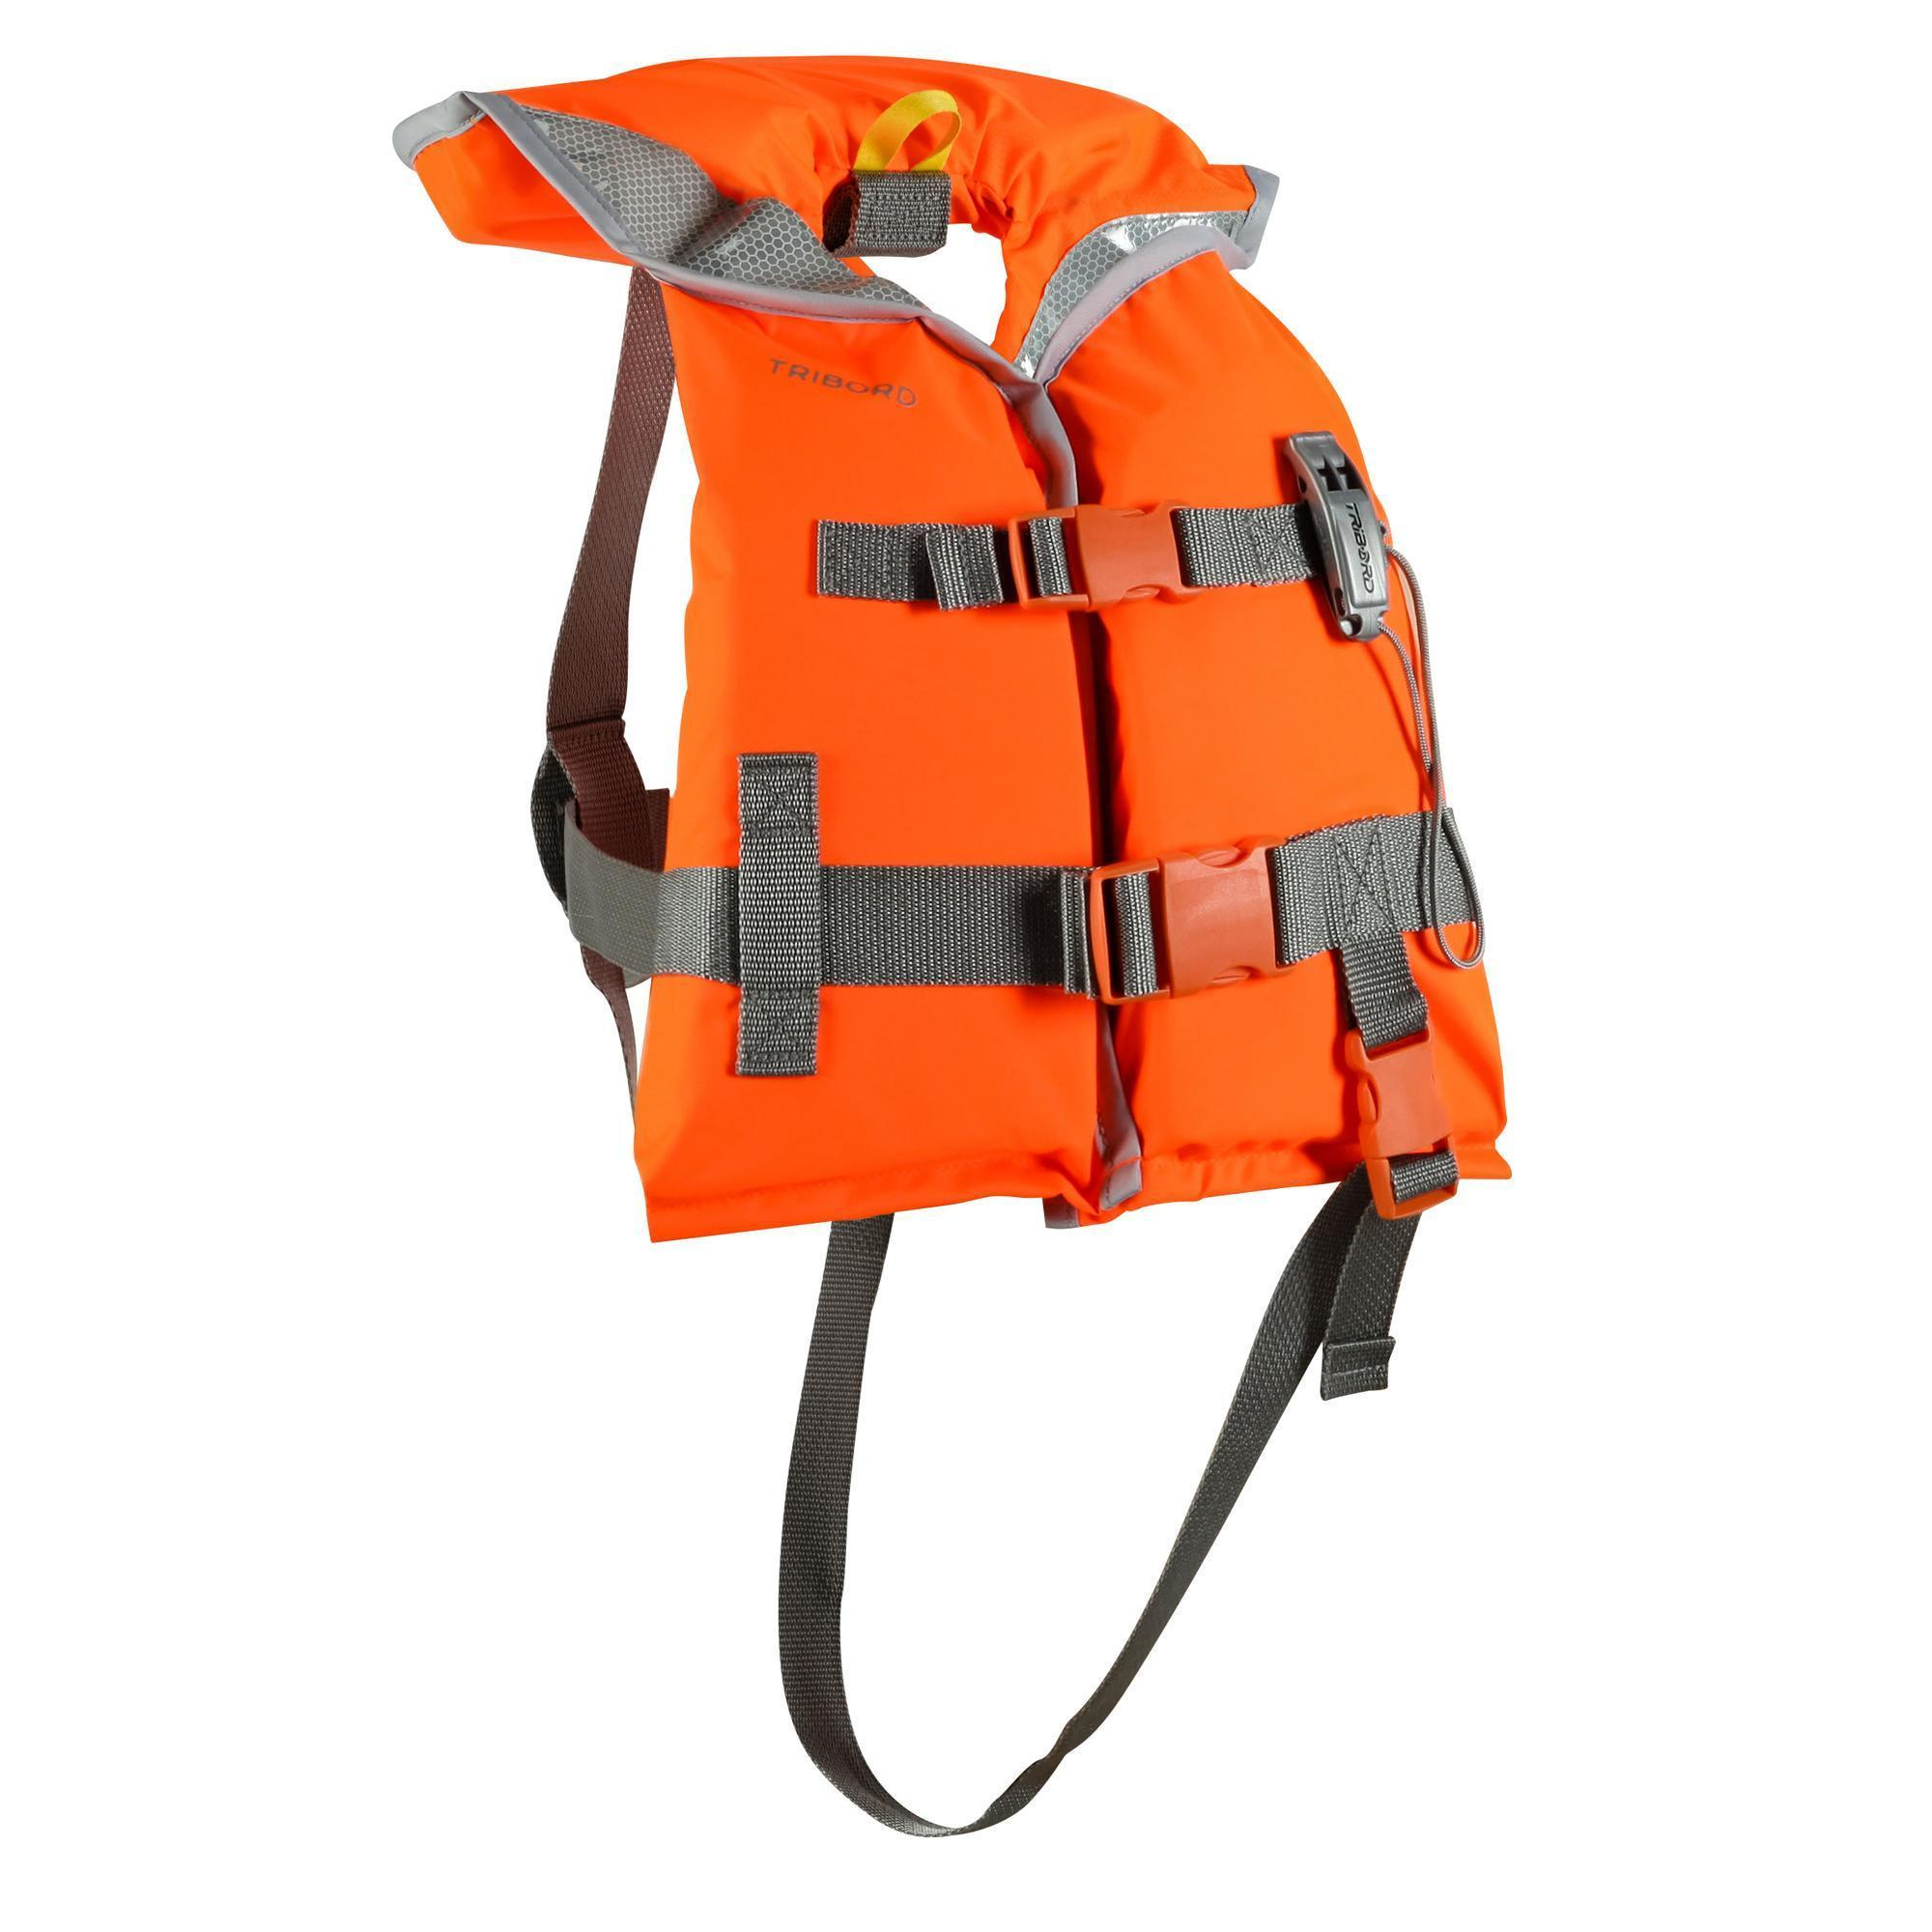 gilet de sauvetage mousse bateau enfant lj 100n orange tribord. Black Bedroom Furniture Sets. Home Design Ideas